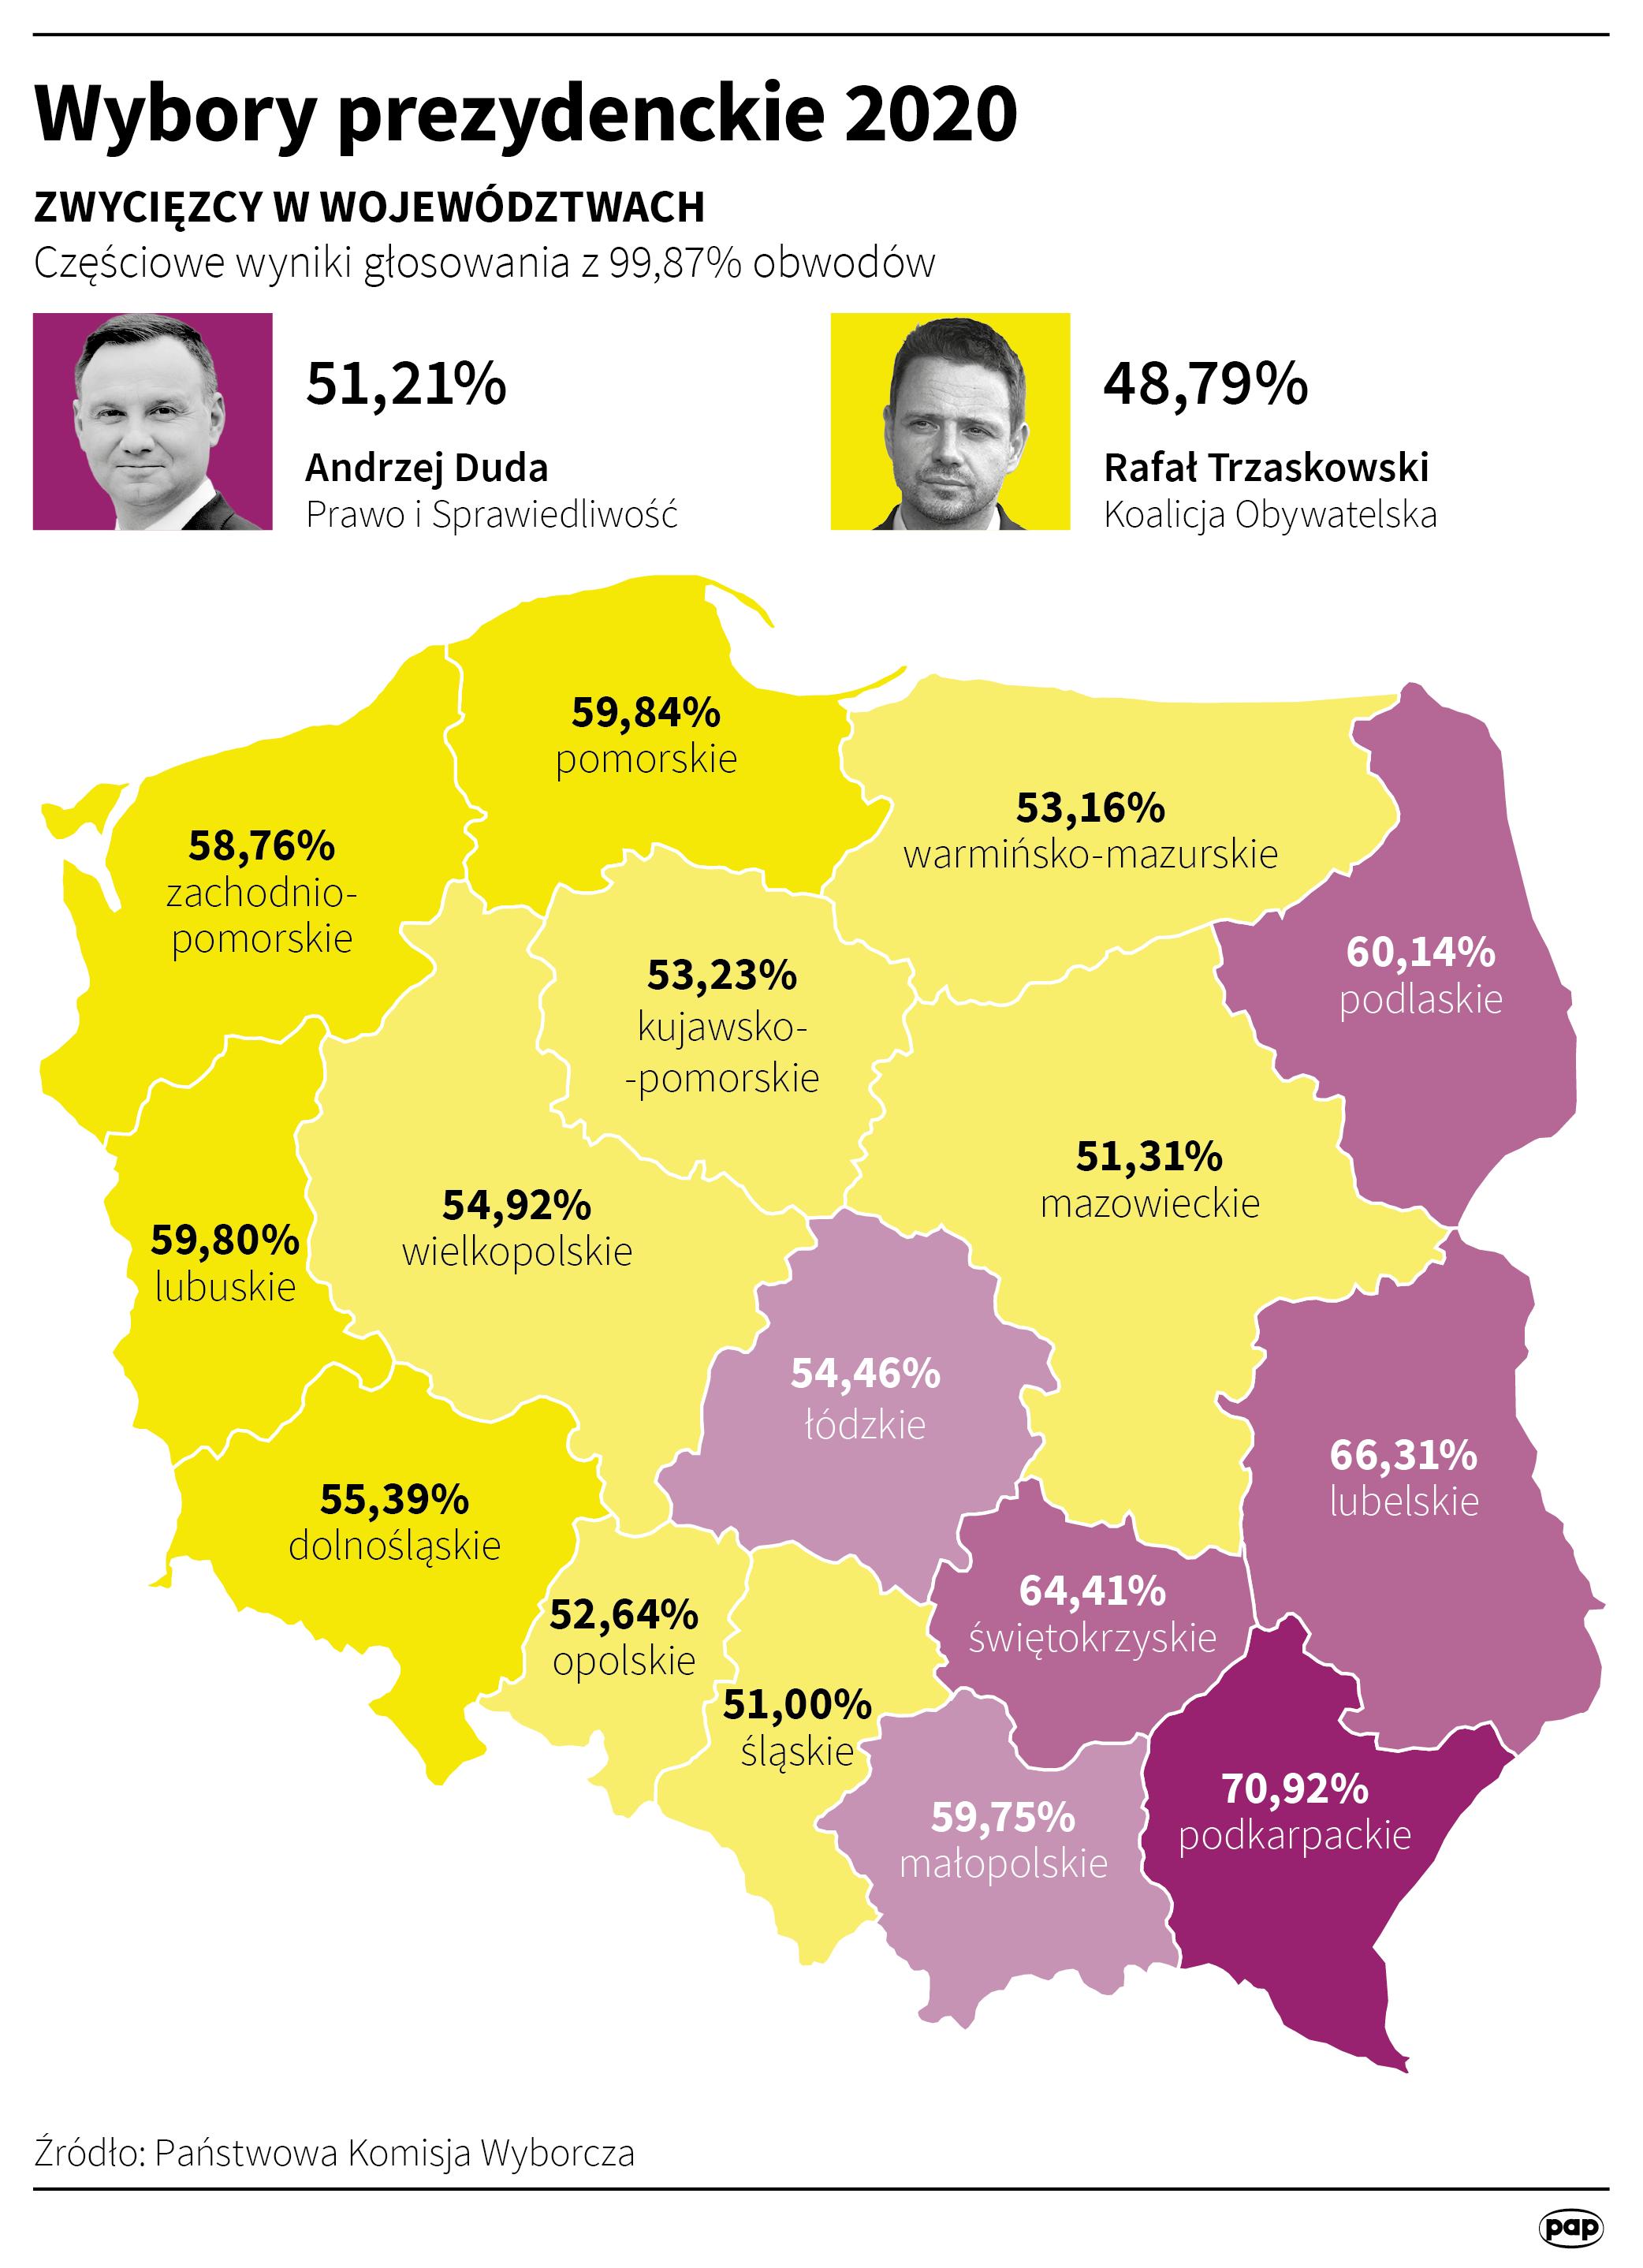 źródło: Polska Agencja Prasowa